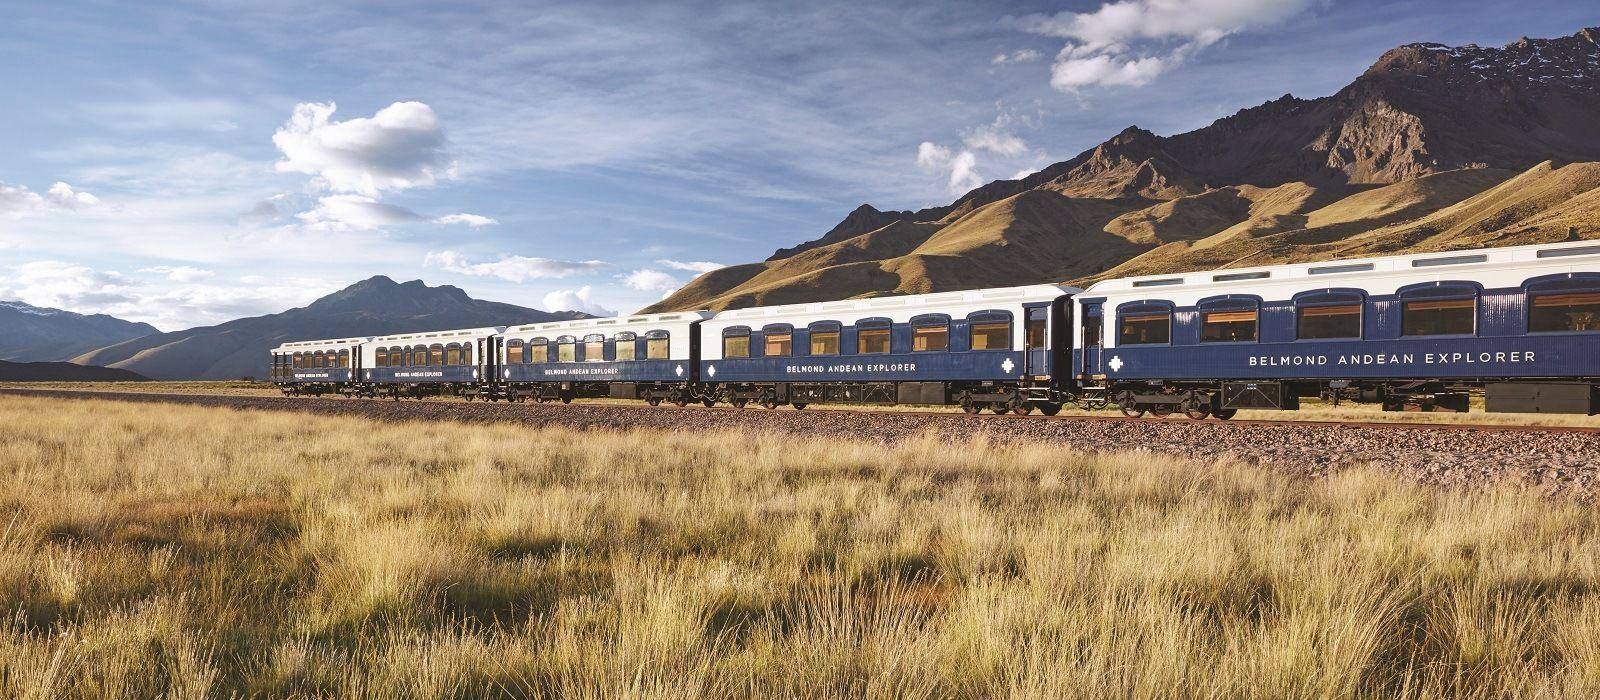 Hotel Belmond Andean Explorer %region%